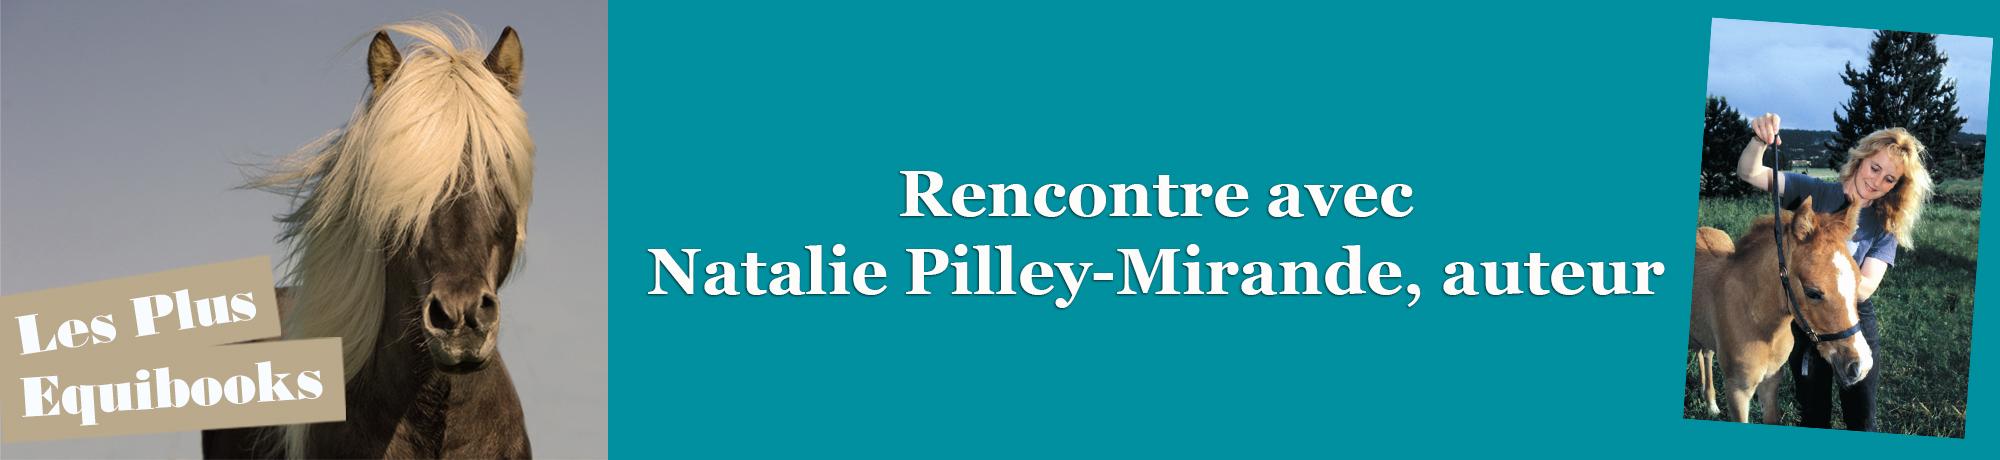 n°2 / Rencontre avec Natalie Pilley-Mirande, auteur